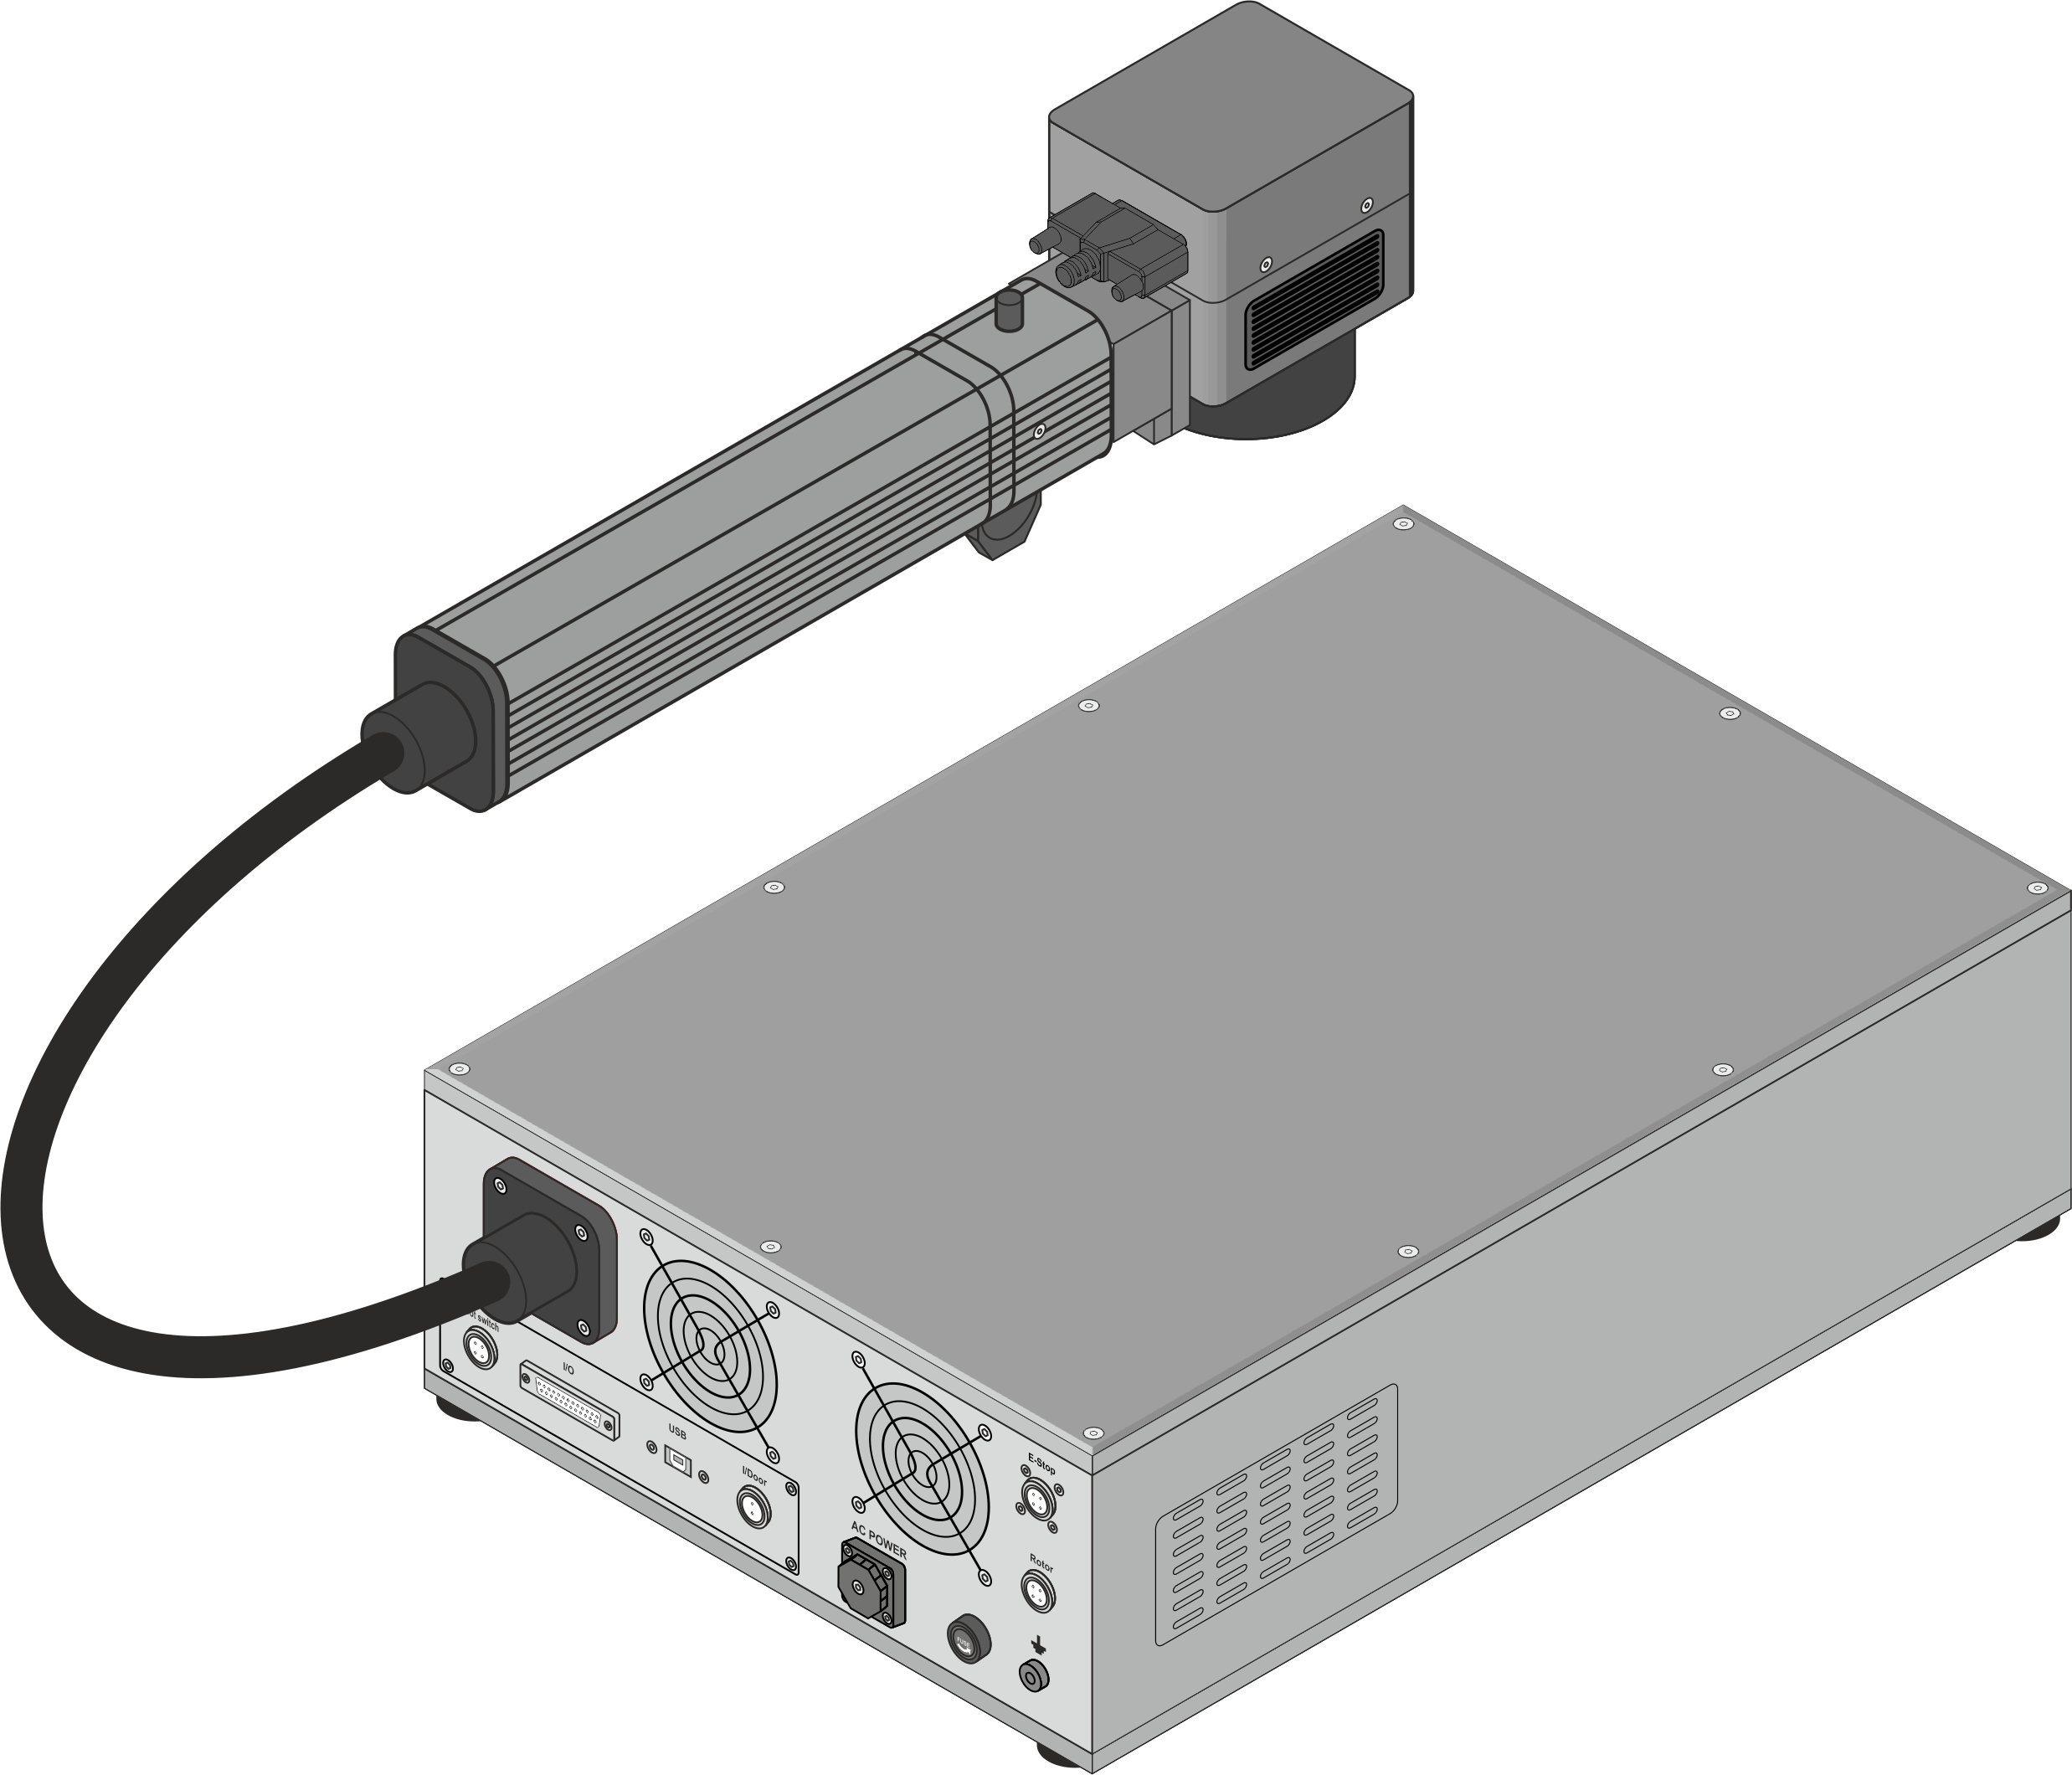 Marcadora láser Datamark ML-200 grabando piezas de acero